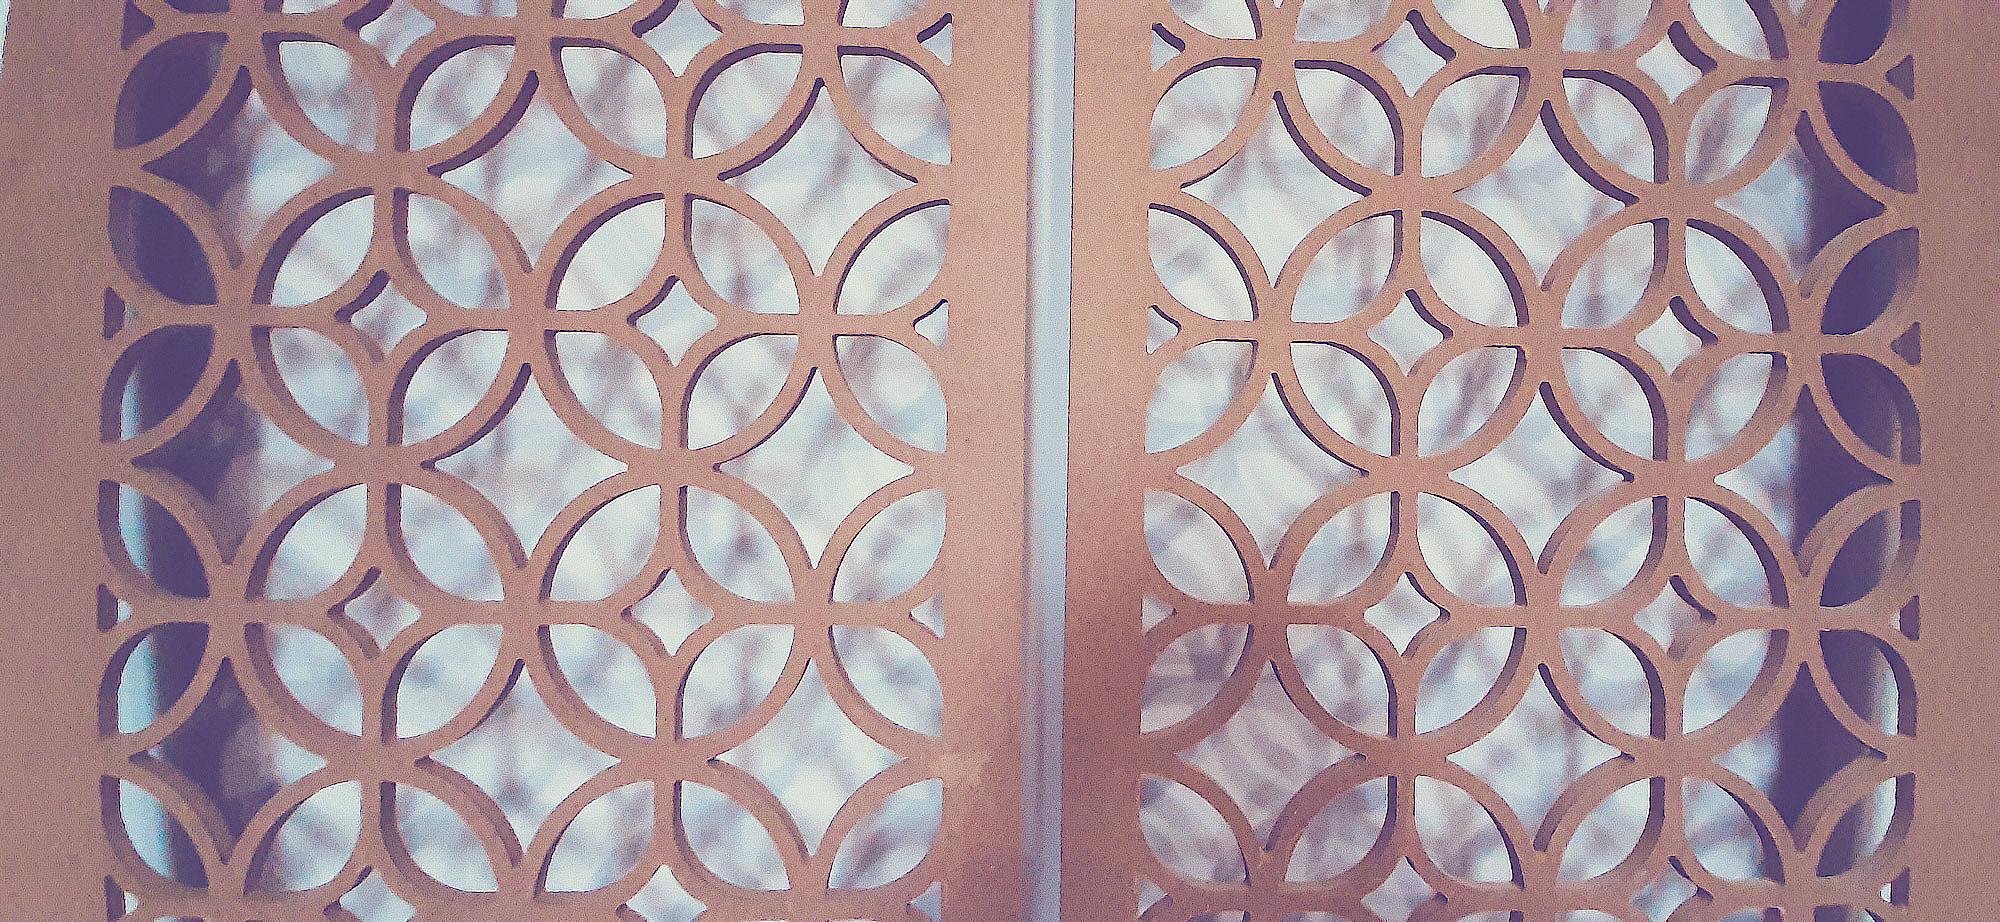 panele dekoracyjne Gdańsk Gdynia Trójmiasto Bydgoszcz Warszawa Poznań Koszalin Tczew Lębork Malbork Nowy Dwór Pruszcz